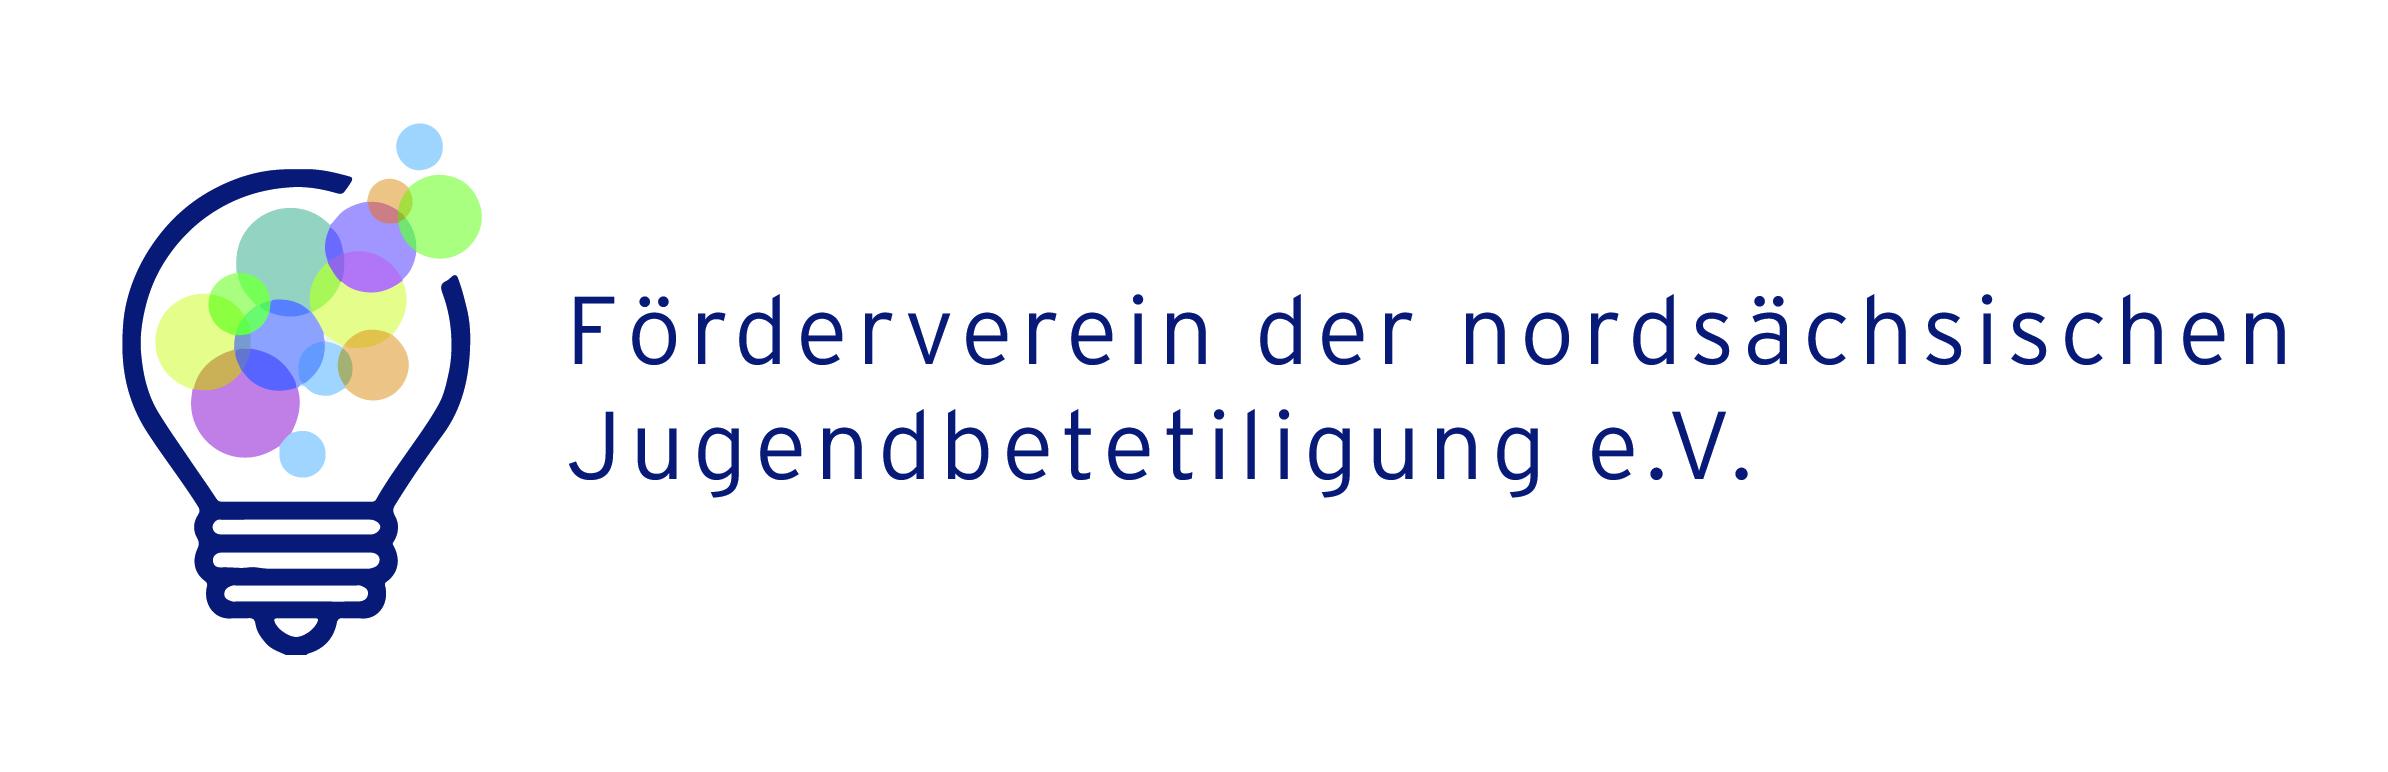 Förderverein der nordsächsischen Jugendbeteiligung e.V.